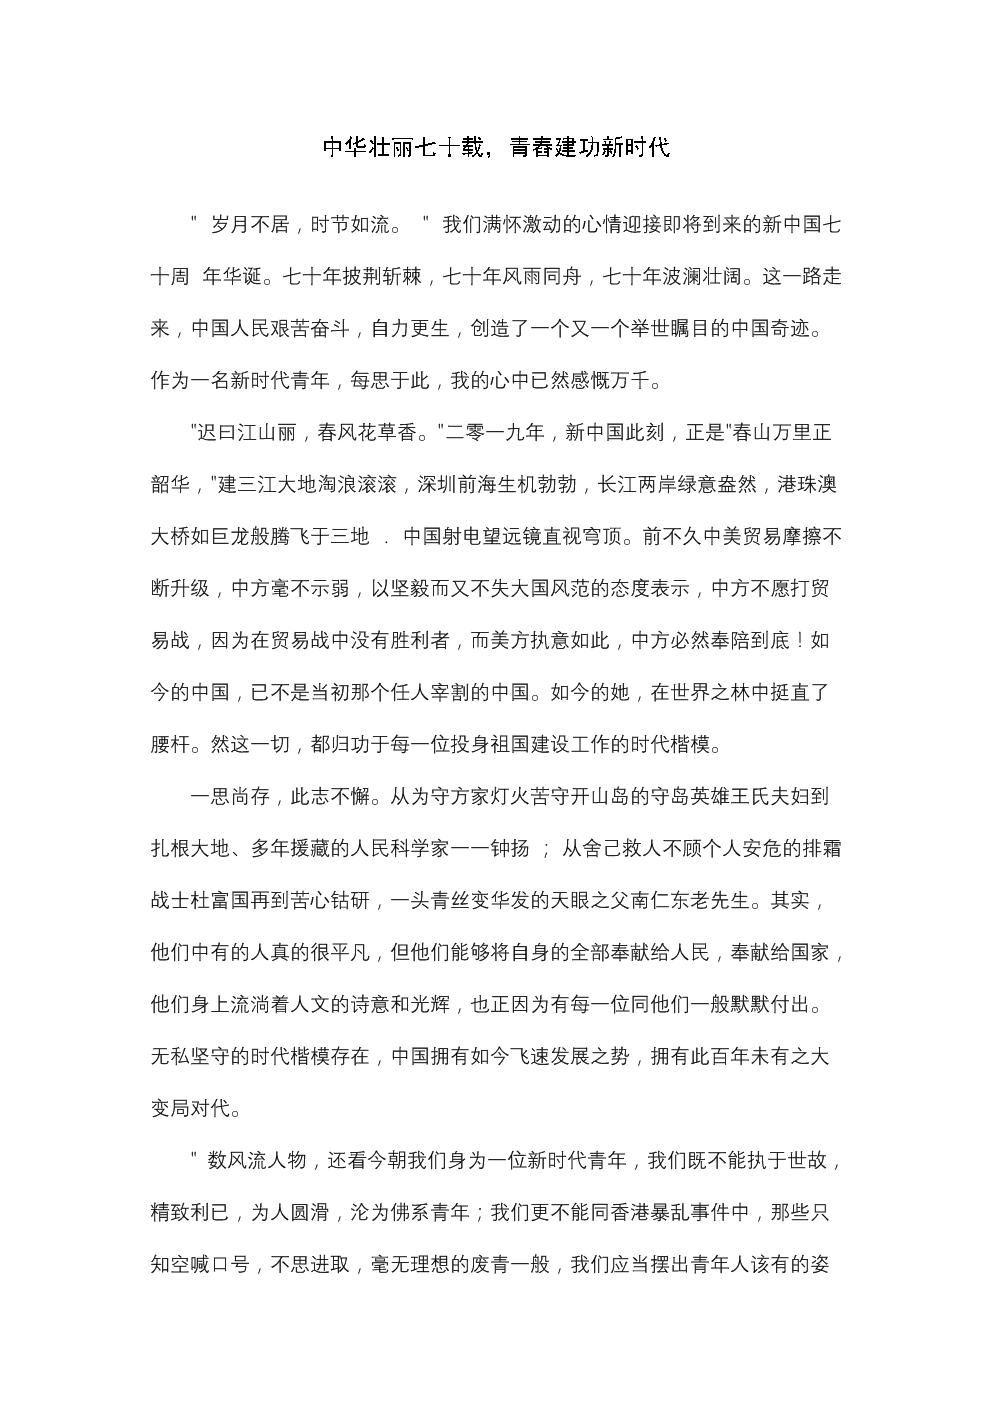 中国七十周年华诞优秀征文.docx